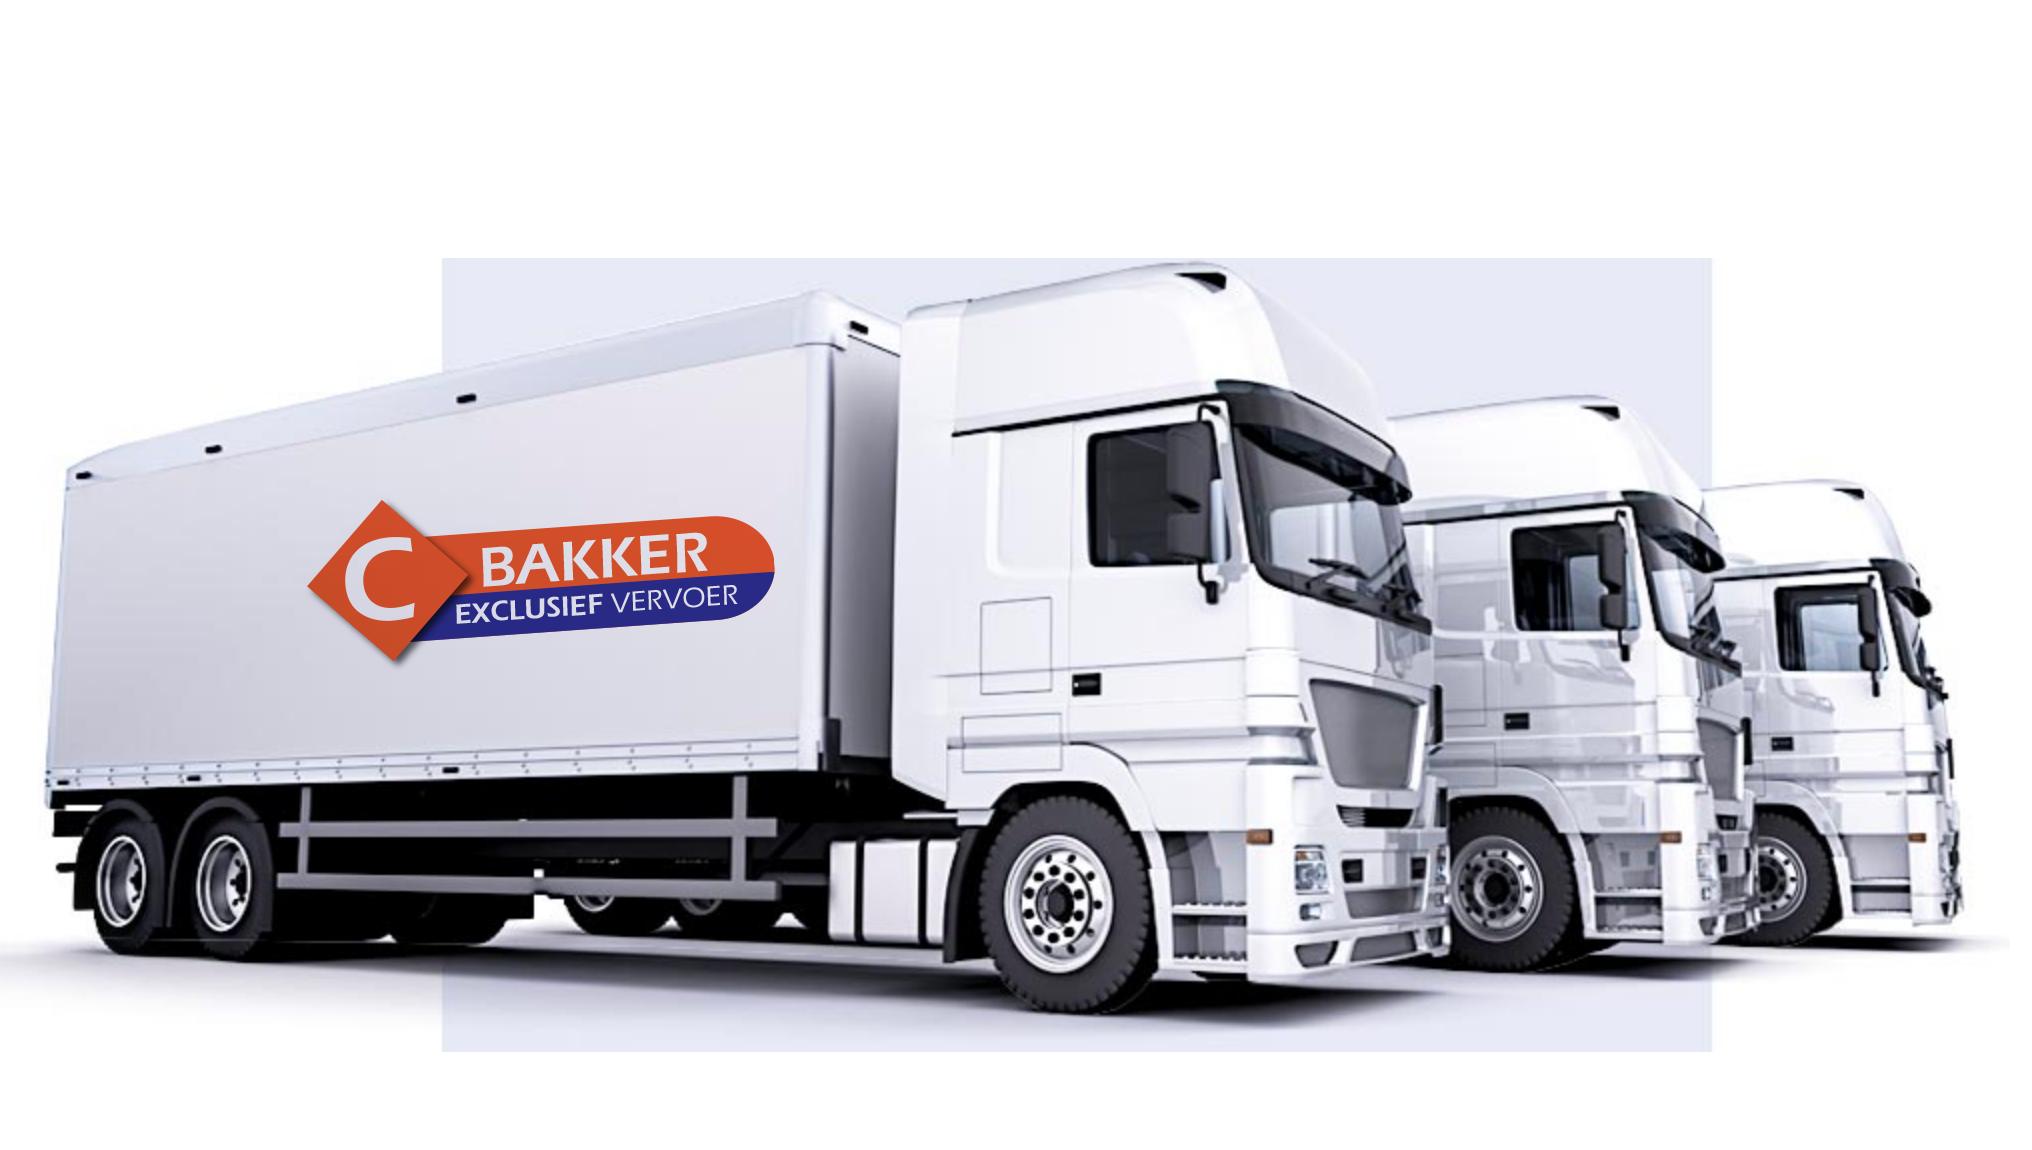 vrachtwagens-c-bakker-exclusief-vervoer